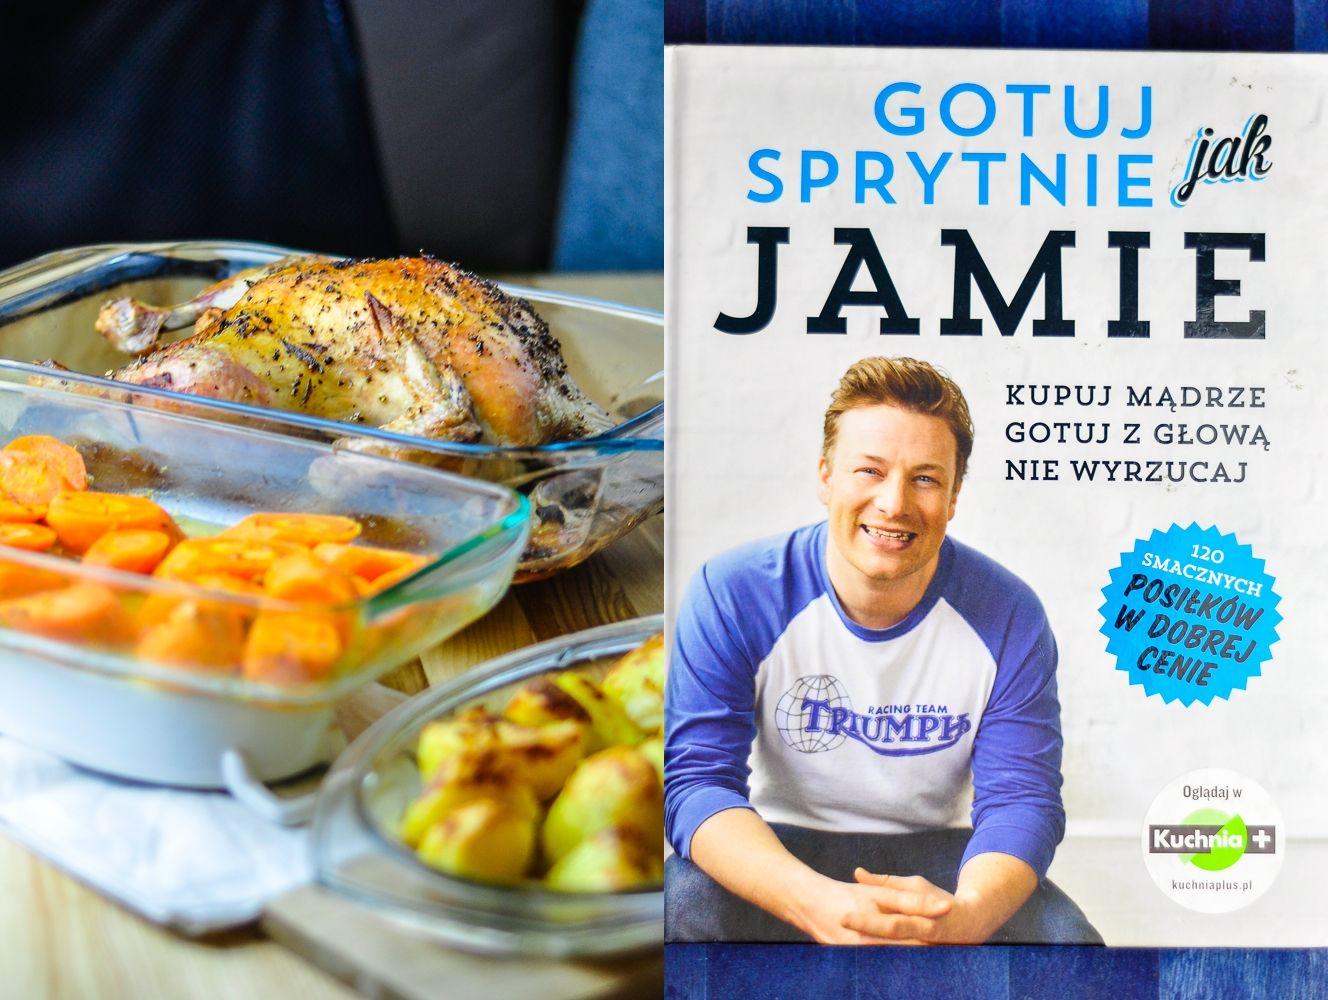 Pieczony Kurczak Z Tego Przepisu To Wedlug Mnie Jeden Z Najlepszych Dan Na Niedzielny Obiad Recepture Znalazlam W Ksiazce Jamie Go Oli Food Vegetables Chicken